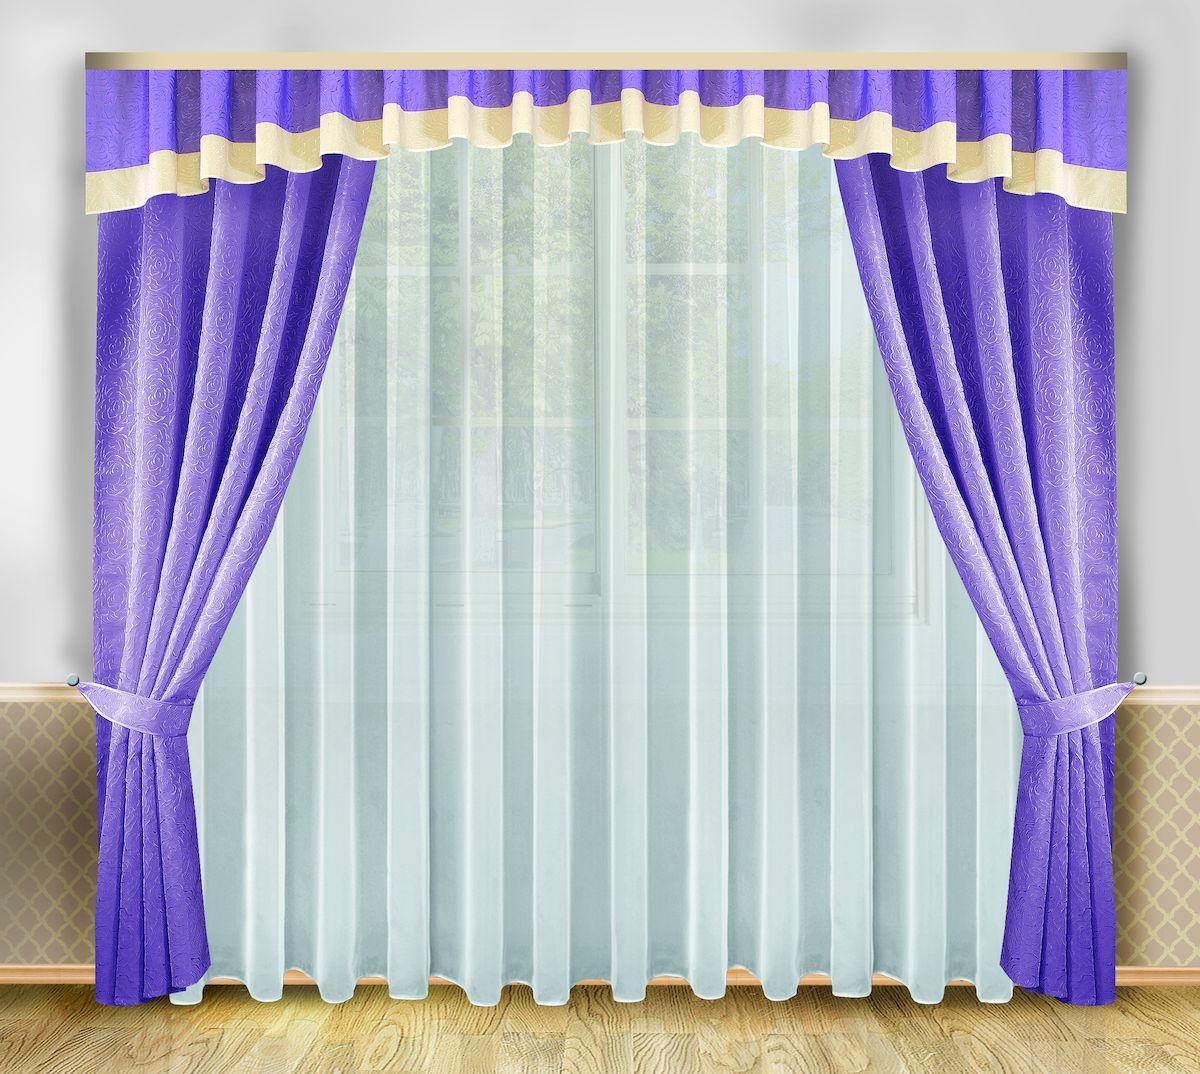 Комплект штор Zlata Korunka, на ленте, цвет: сиреневый, высота 250 см. 333330333330Комплект штор Zlata Korunka, выполненный из полиэстера,великолепно украсит любое окно. Комплект состоит из тюля, ламбрекена, двух штор и двух подхватов.Изящный узор и приятная цветовая гамма привлекут к себевнимание и органично впишутся в интерьер помещения.Этот комплект будет долгое время радовать вас и вашу семью! Комплект крепится на карниз при помощи ленты, которая поможет красиво иравномерно задрапировать верх.В комплект входит:Тюль: 1 шт. Размер (Ш х В): 400 см х 250 см.Ламбрекен: 1 шт. Размер (Ш х В): 550 см х 40 см.Штора: 2 шт. Размер (Ш х В): 138 см х 250 см. Подхват: 2 шт.